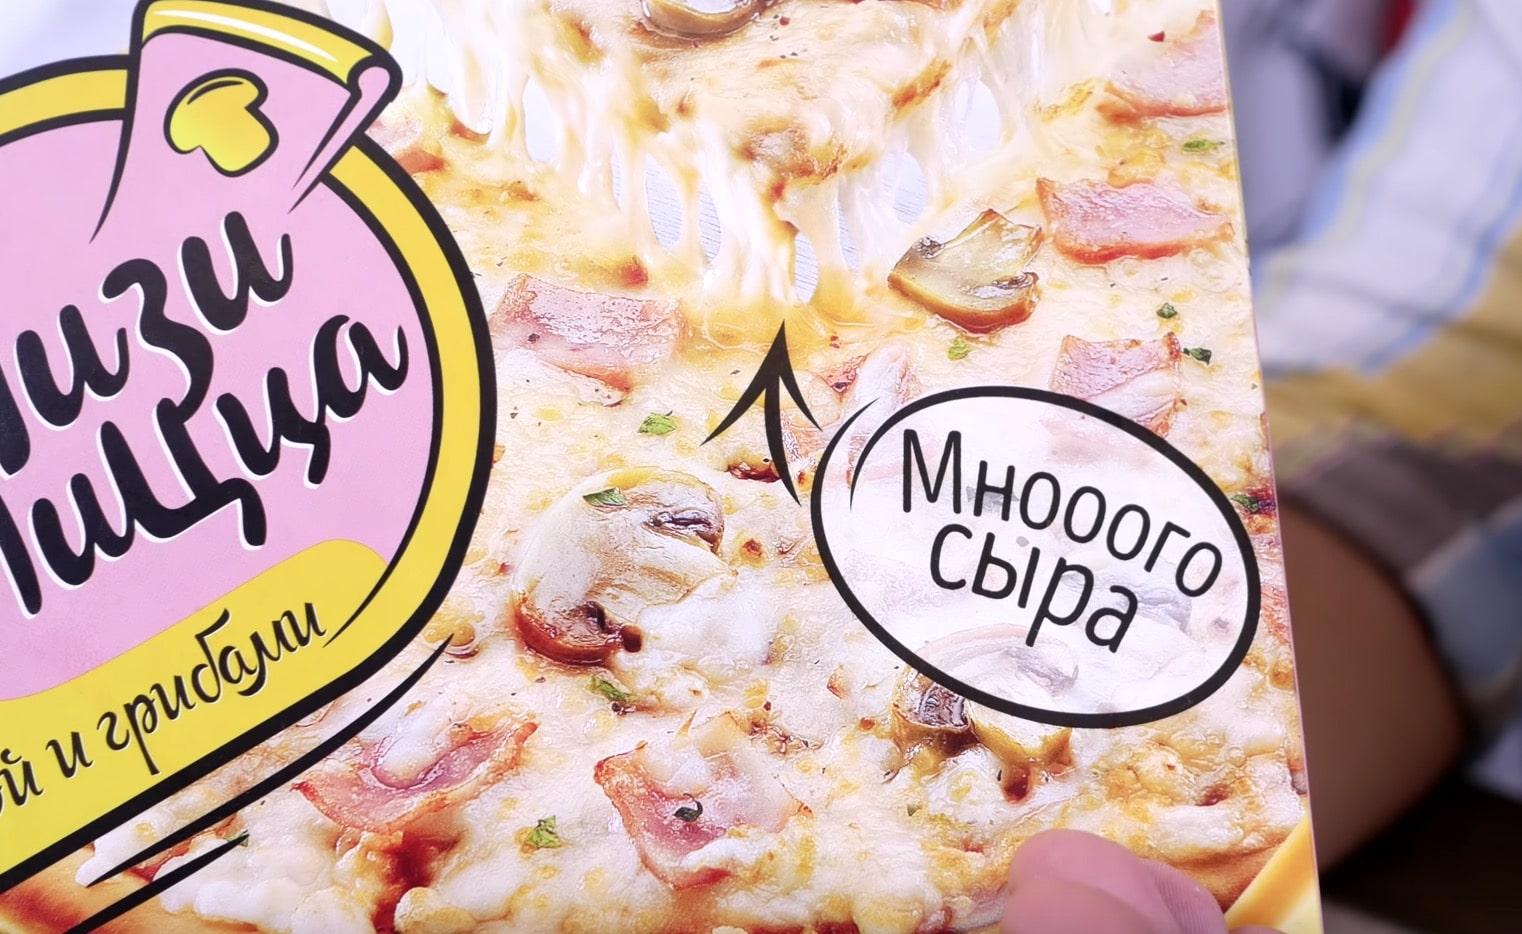 Чизи Пицца представлена в очень в яркой упаковке. На упаковке мы видим многообещающие надписи, что в пиццы очень много сыра.